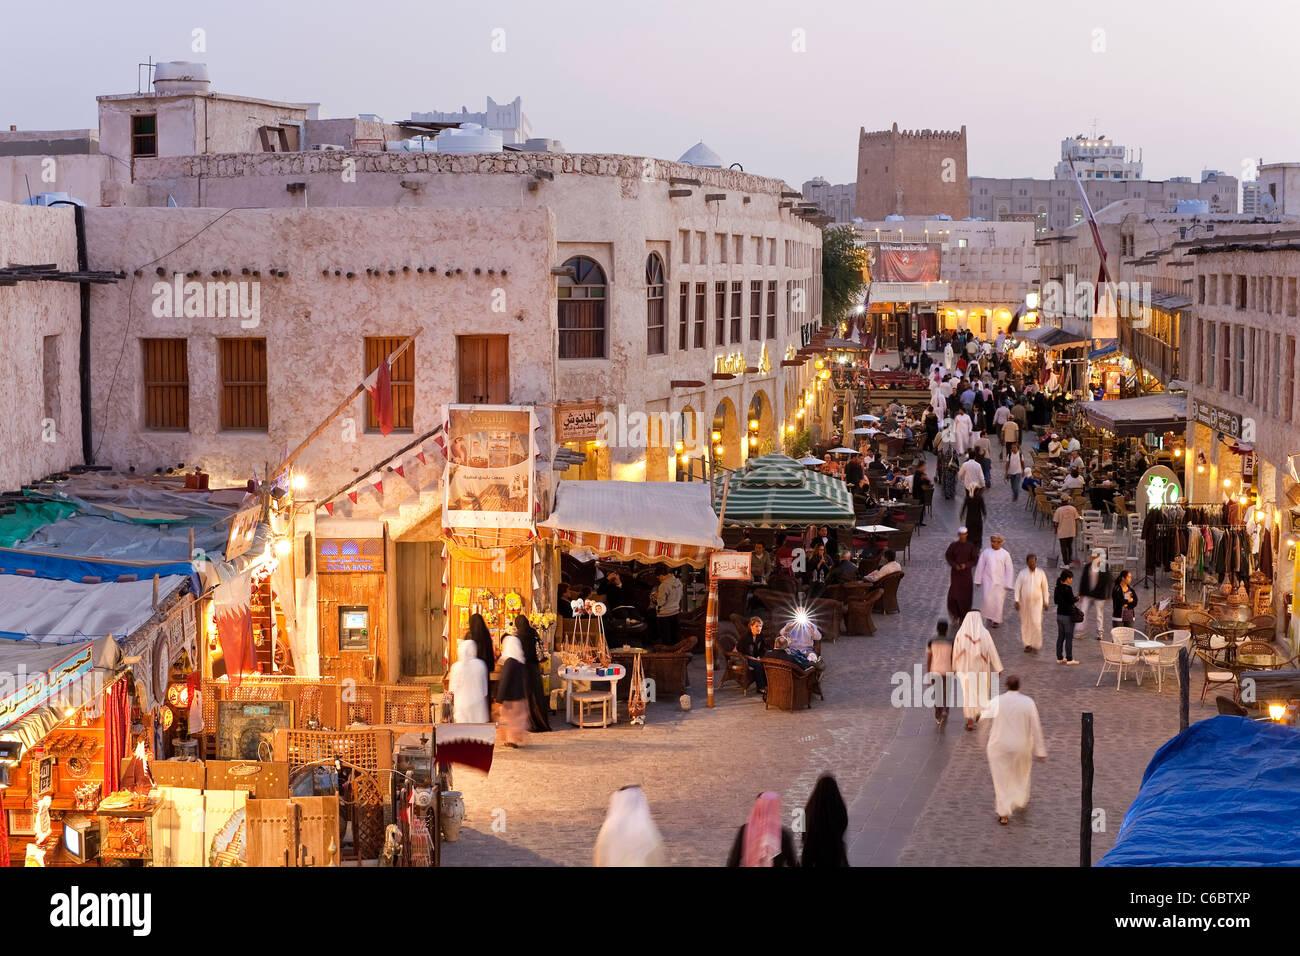 Il Qatar, il Medio Oriente e penisola arabica, Doha, il restaurato Souq Waqif con fango resi negozi e travi di legno Immagini Stock